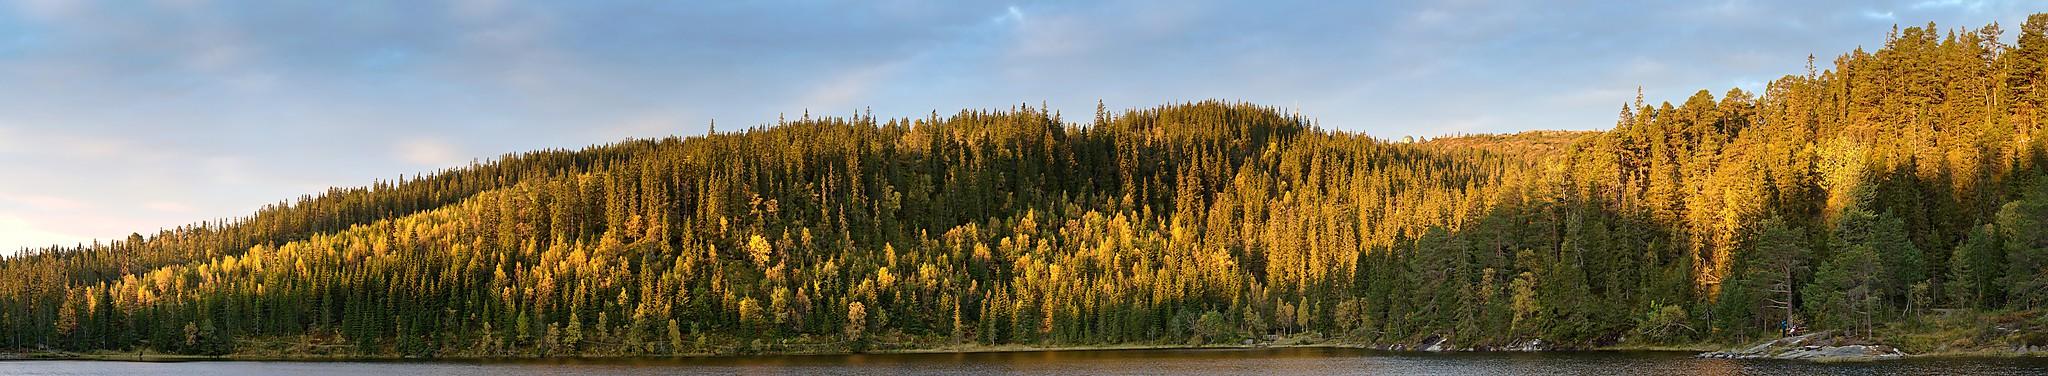 Panorama tatt idet solen titter over åsen og farger skogen gyllen ved Kobberdammen en torsdags morgen